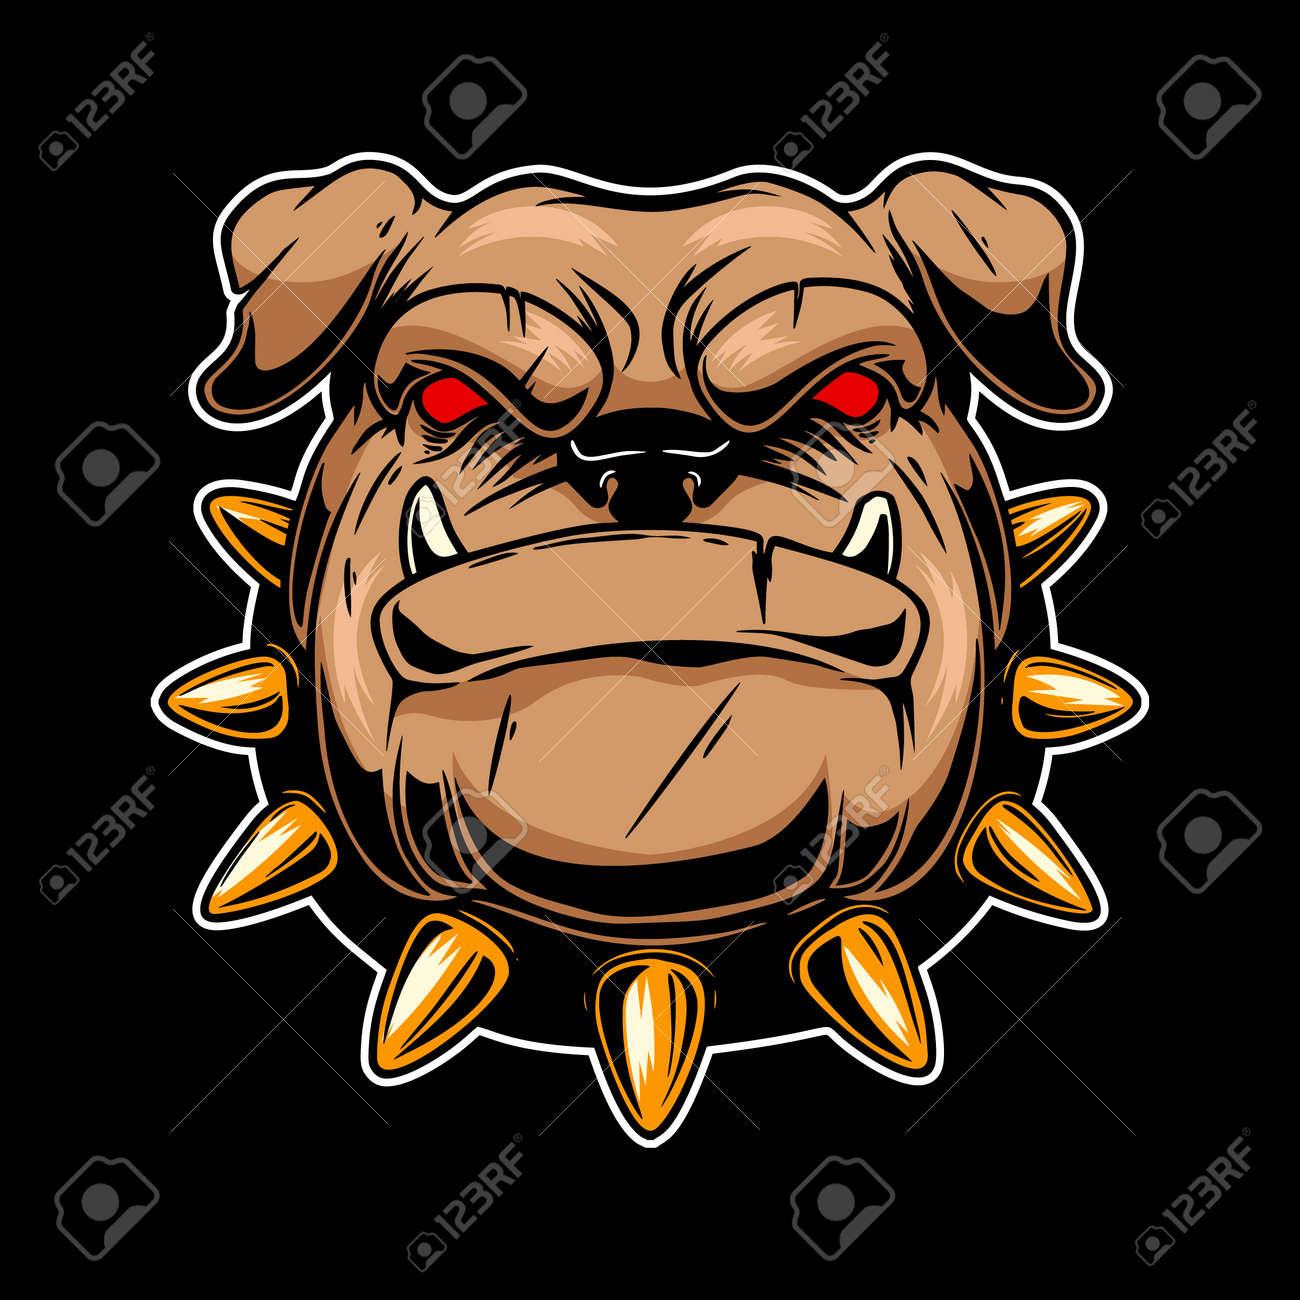 Illustration of angry bulldog head. Design element for logo, label, sign, emblem, poster. Vector illustration - 171625077